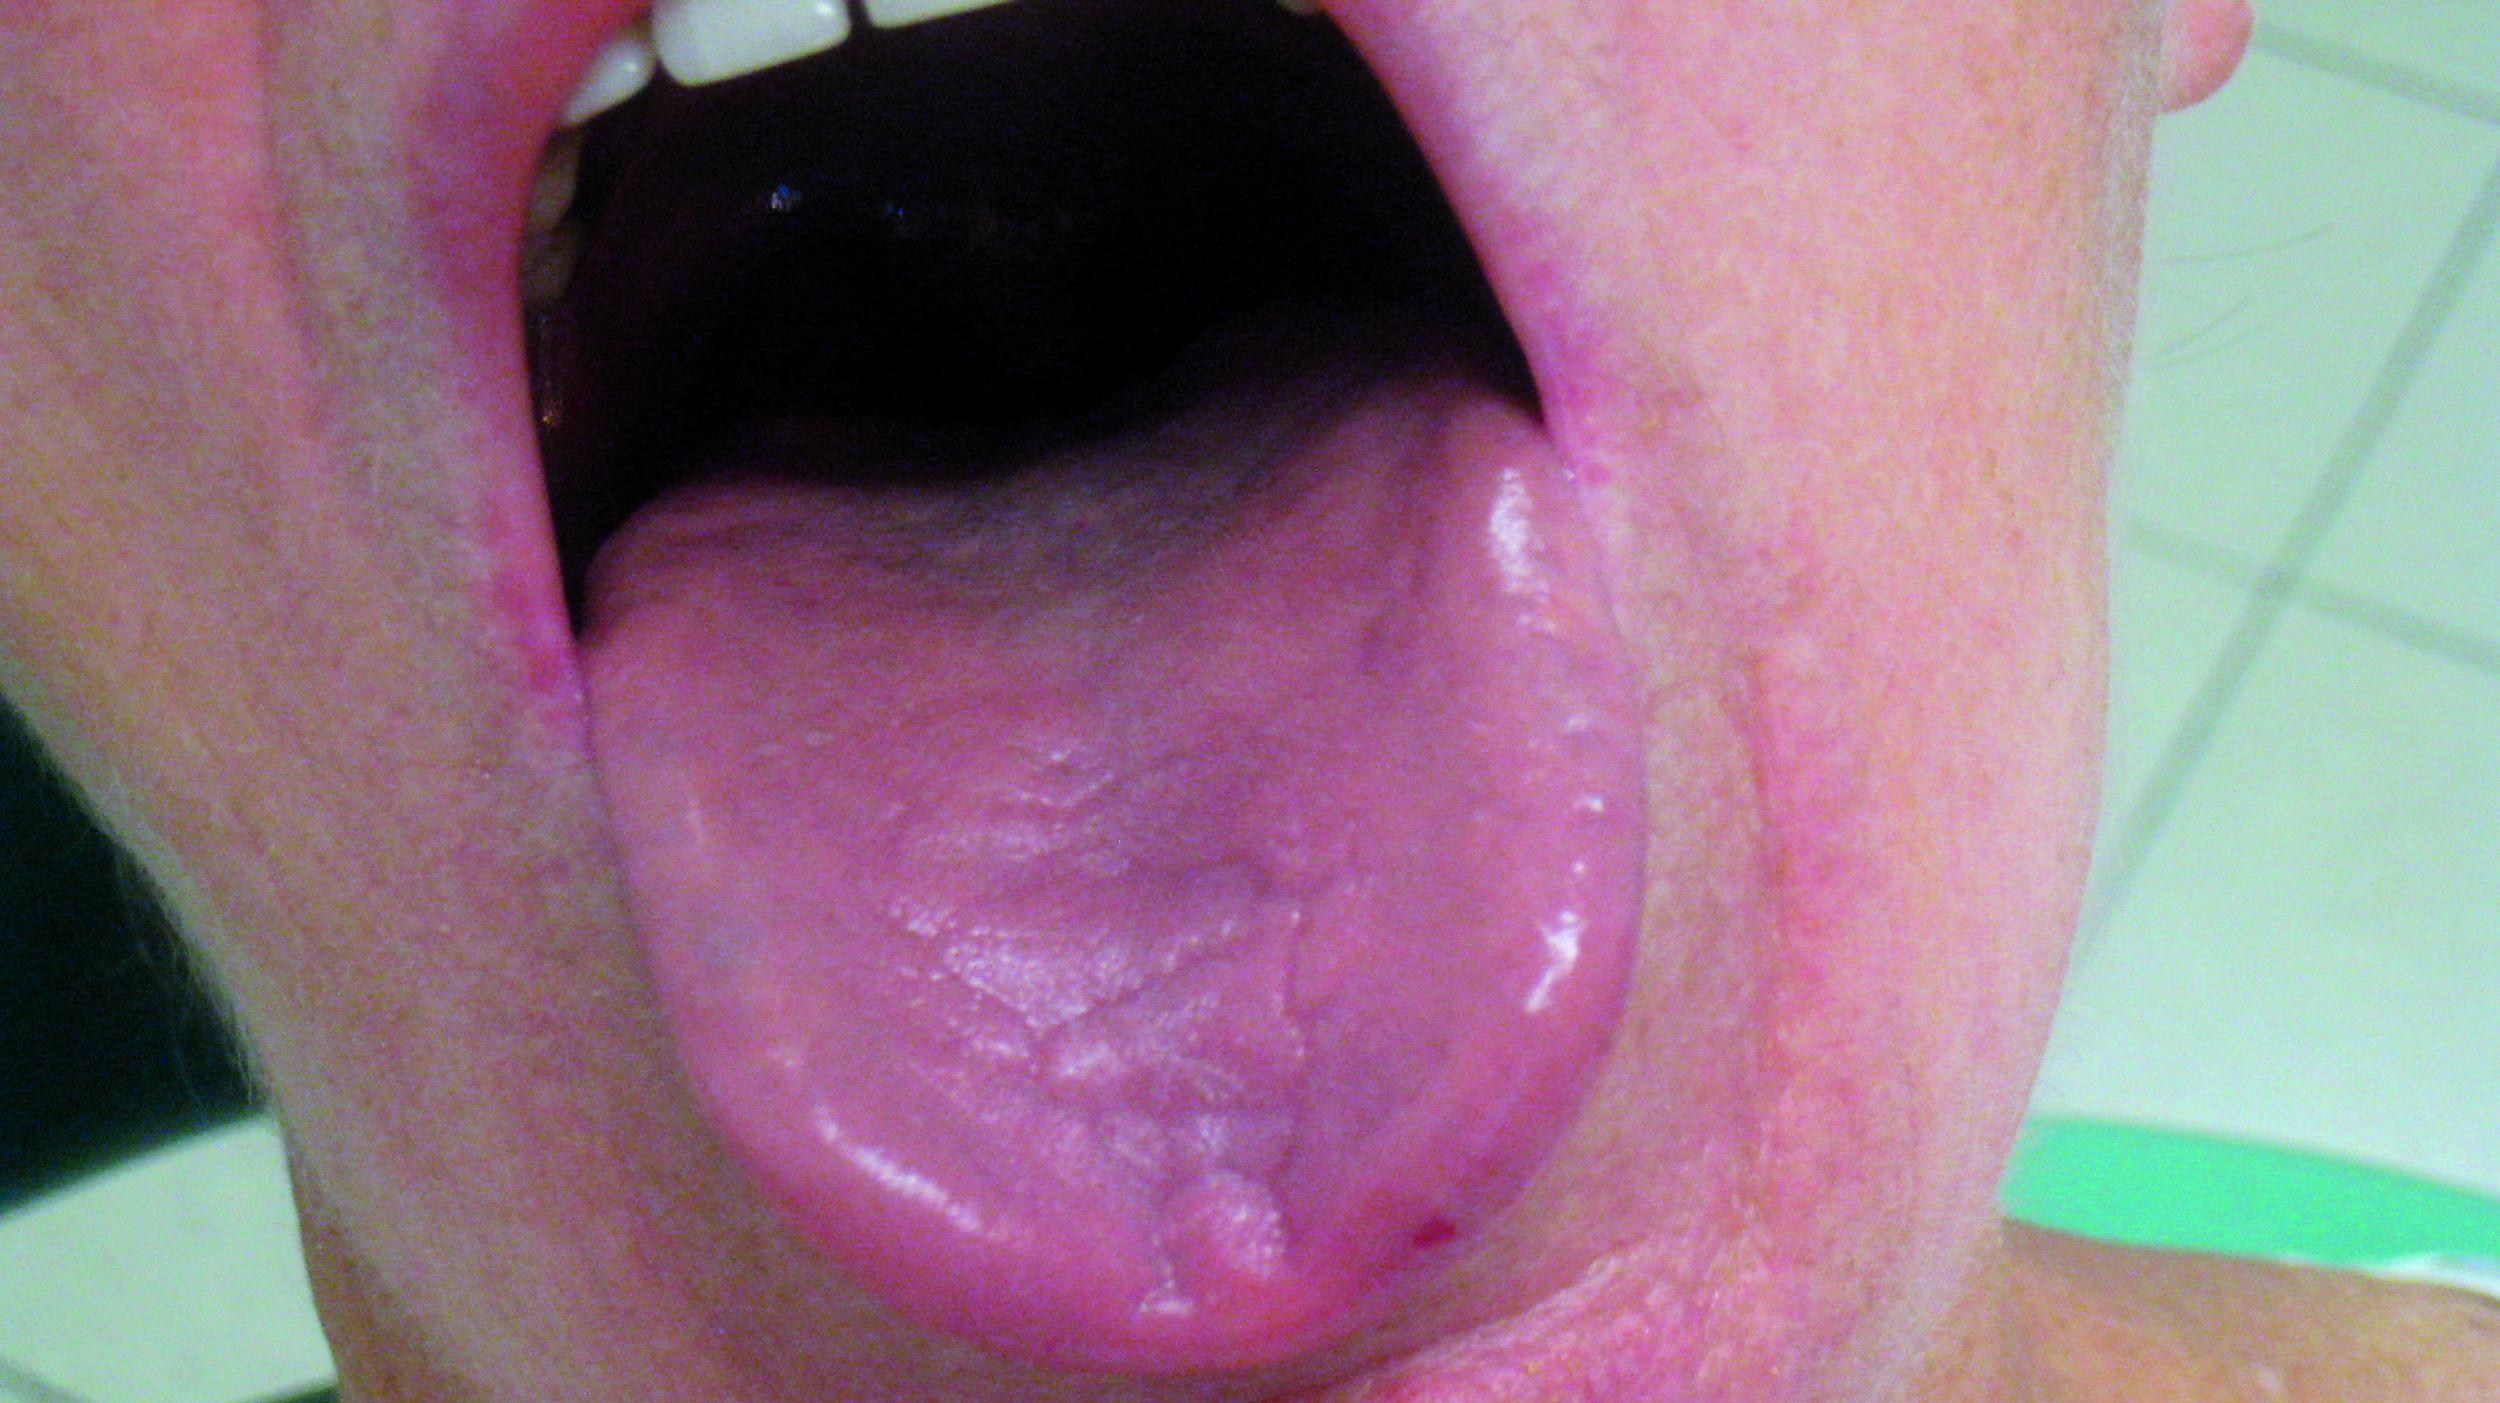 Obraz Jamy Ustnej W Wybranych Chorobach Ogolnoustrojowych Rola